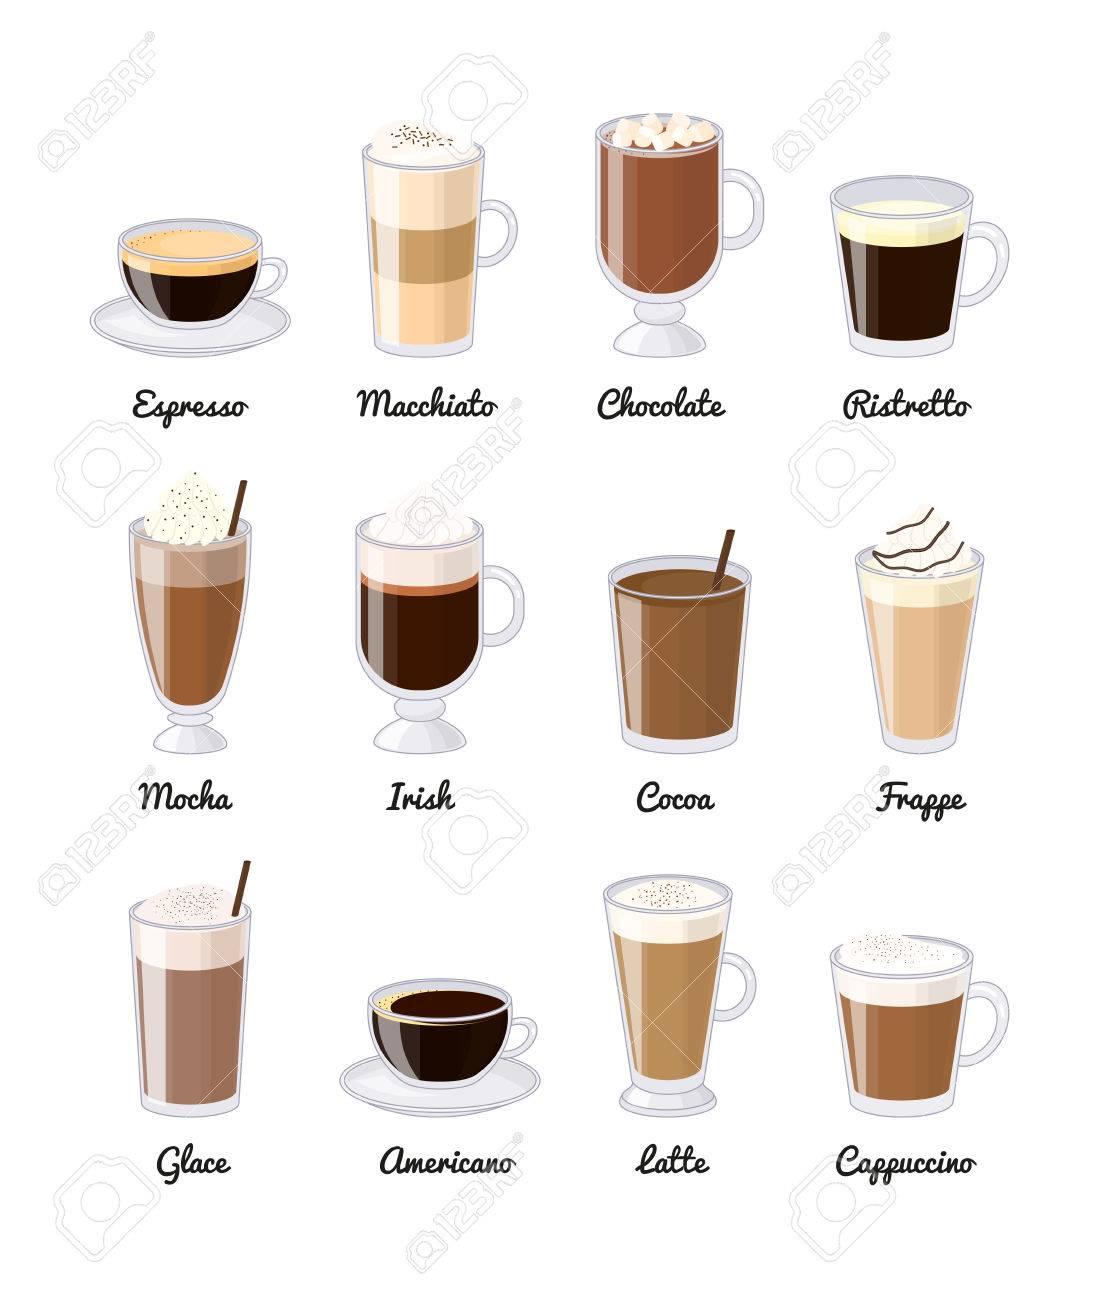 Verschiedene Kaffeegetränke Auf Weißem Hintergrund. Espresso ...